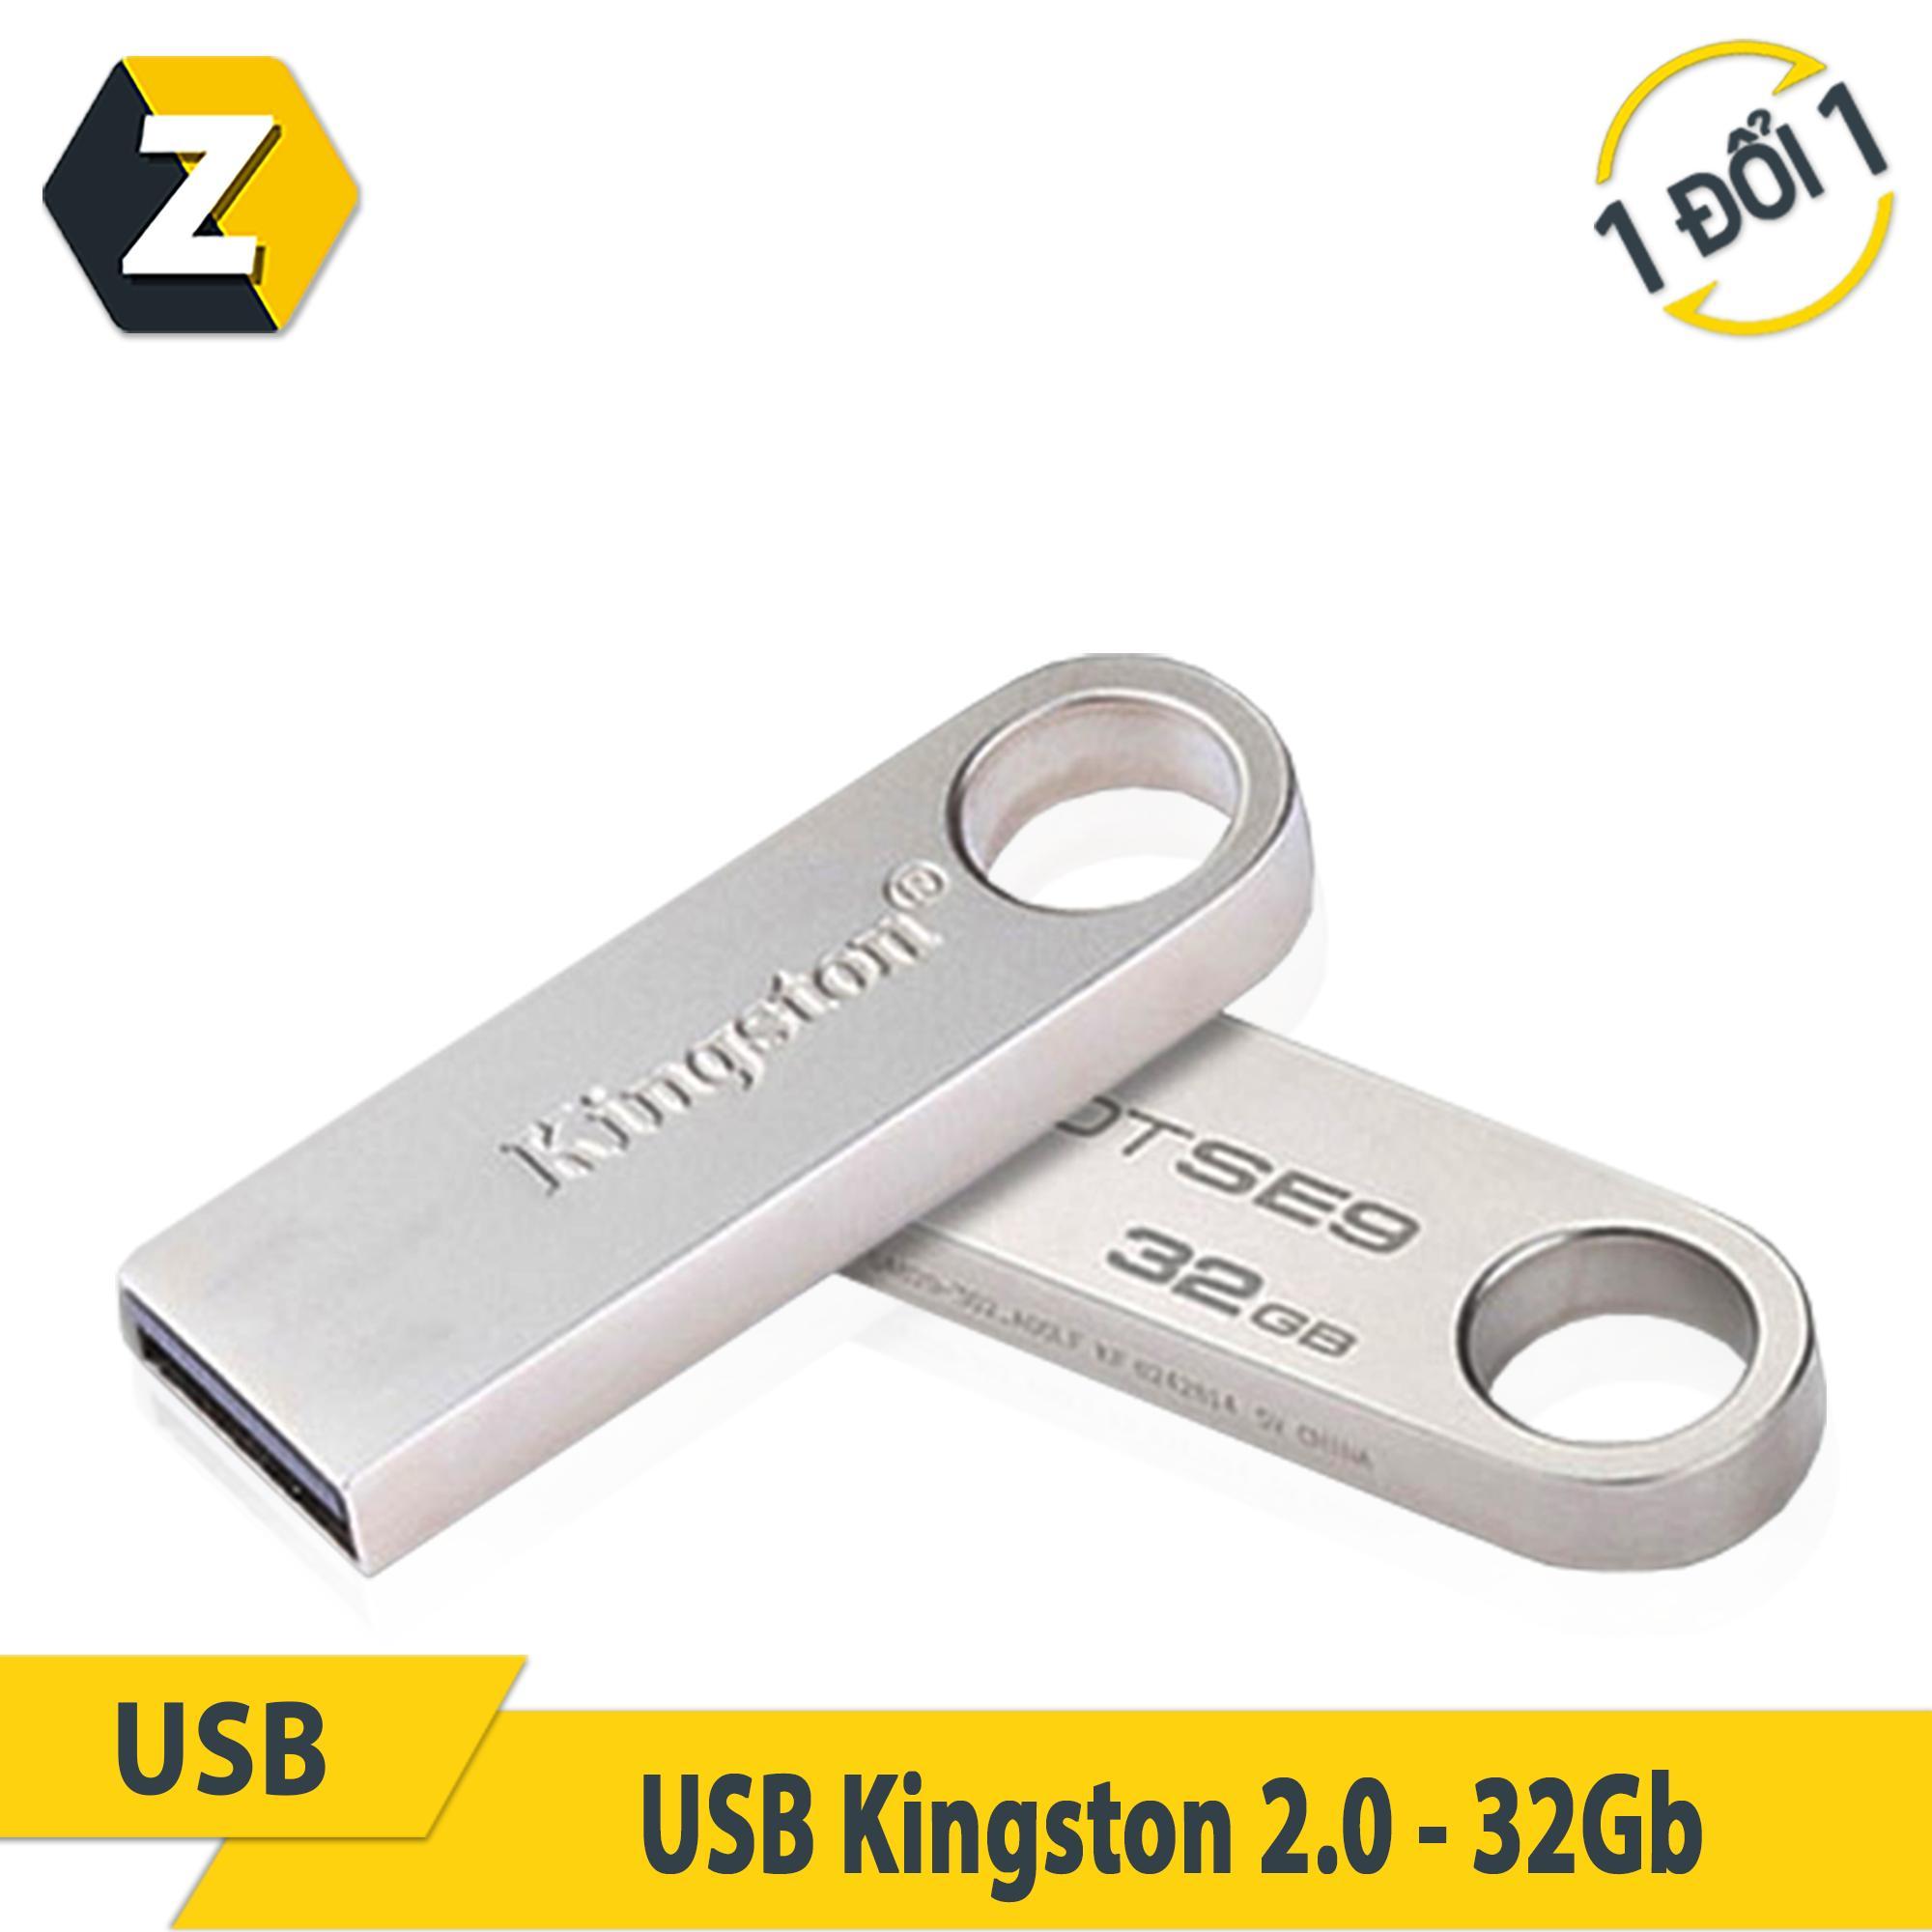 USB kingston 32GB DTSE9 2.0 ( VỎ NHÔM / tặng dây đeo usb)